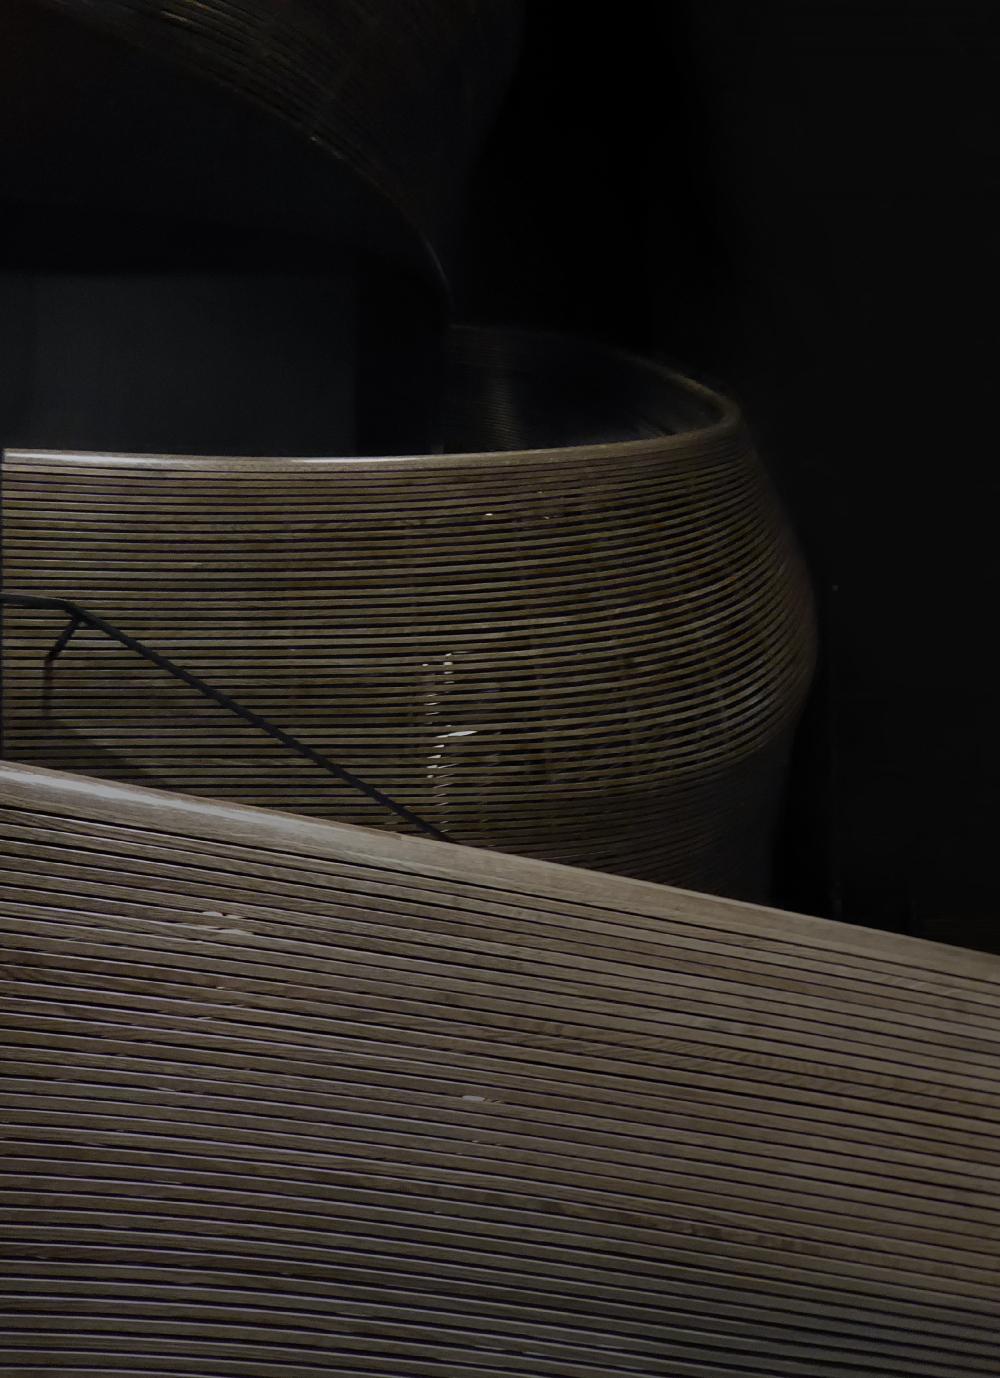 Реконструкция театра «Альянс» в Атланте<br>Фотография предоставлена Trahan Architects